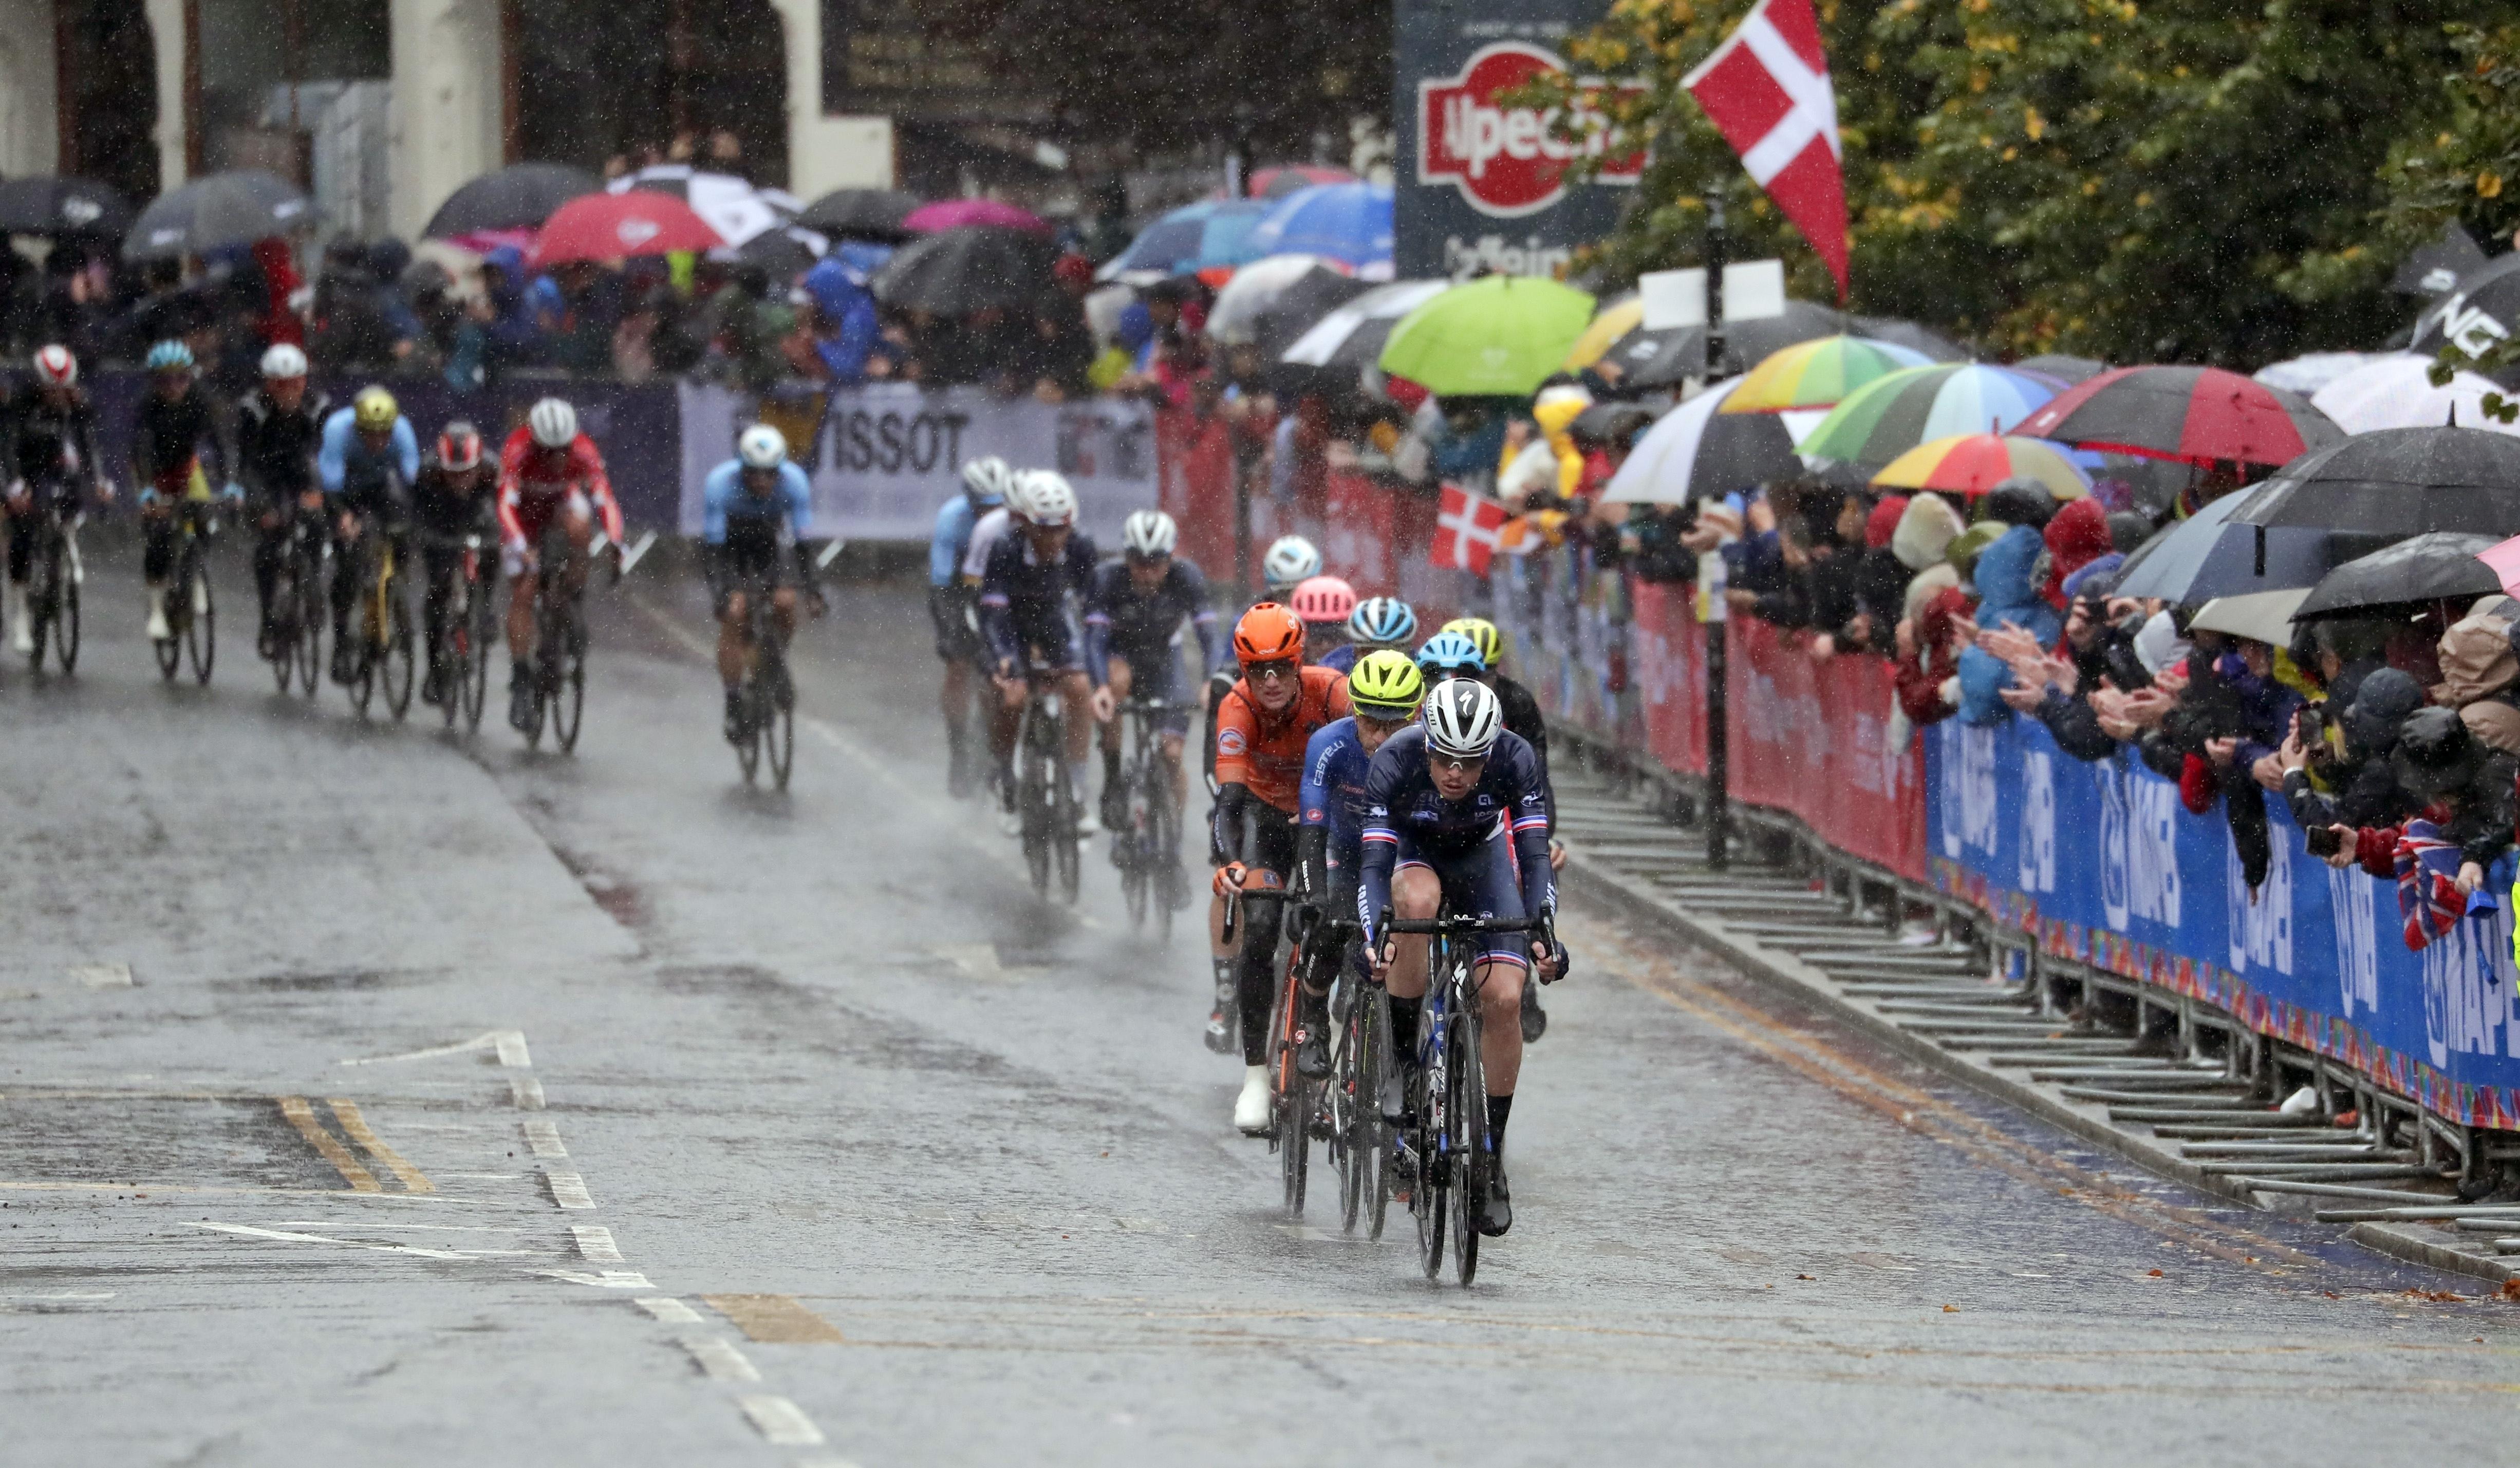 El español Alejandro Valverde, de 39 años, también se retiró a falta de unos 80 km y no pudo repetir el título logrado e laño pasado en Innsbrück (Austria)